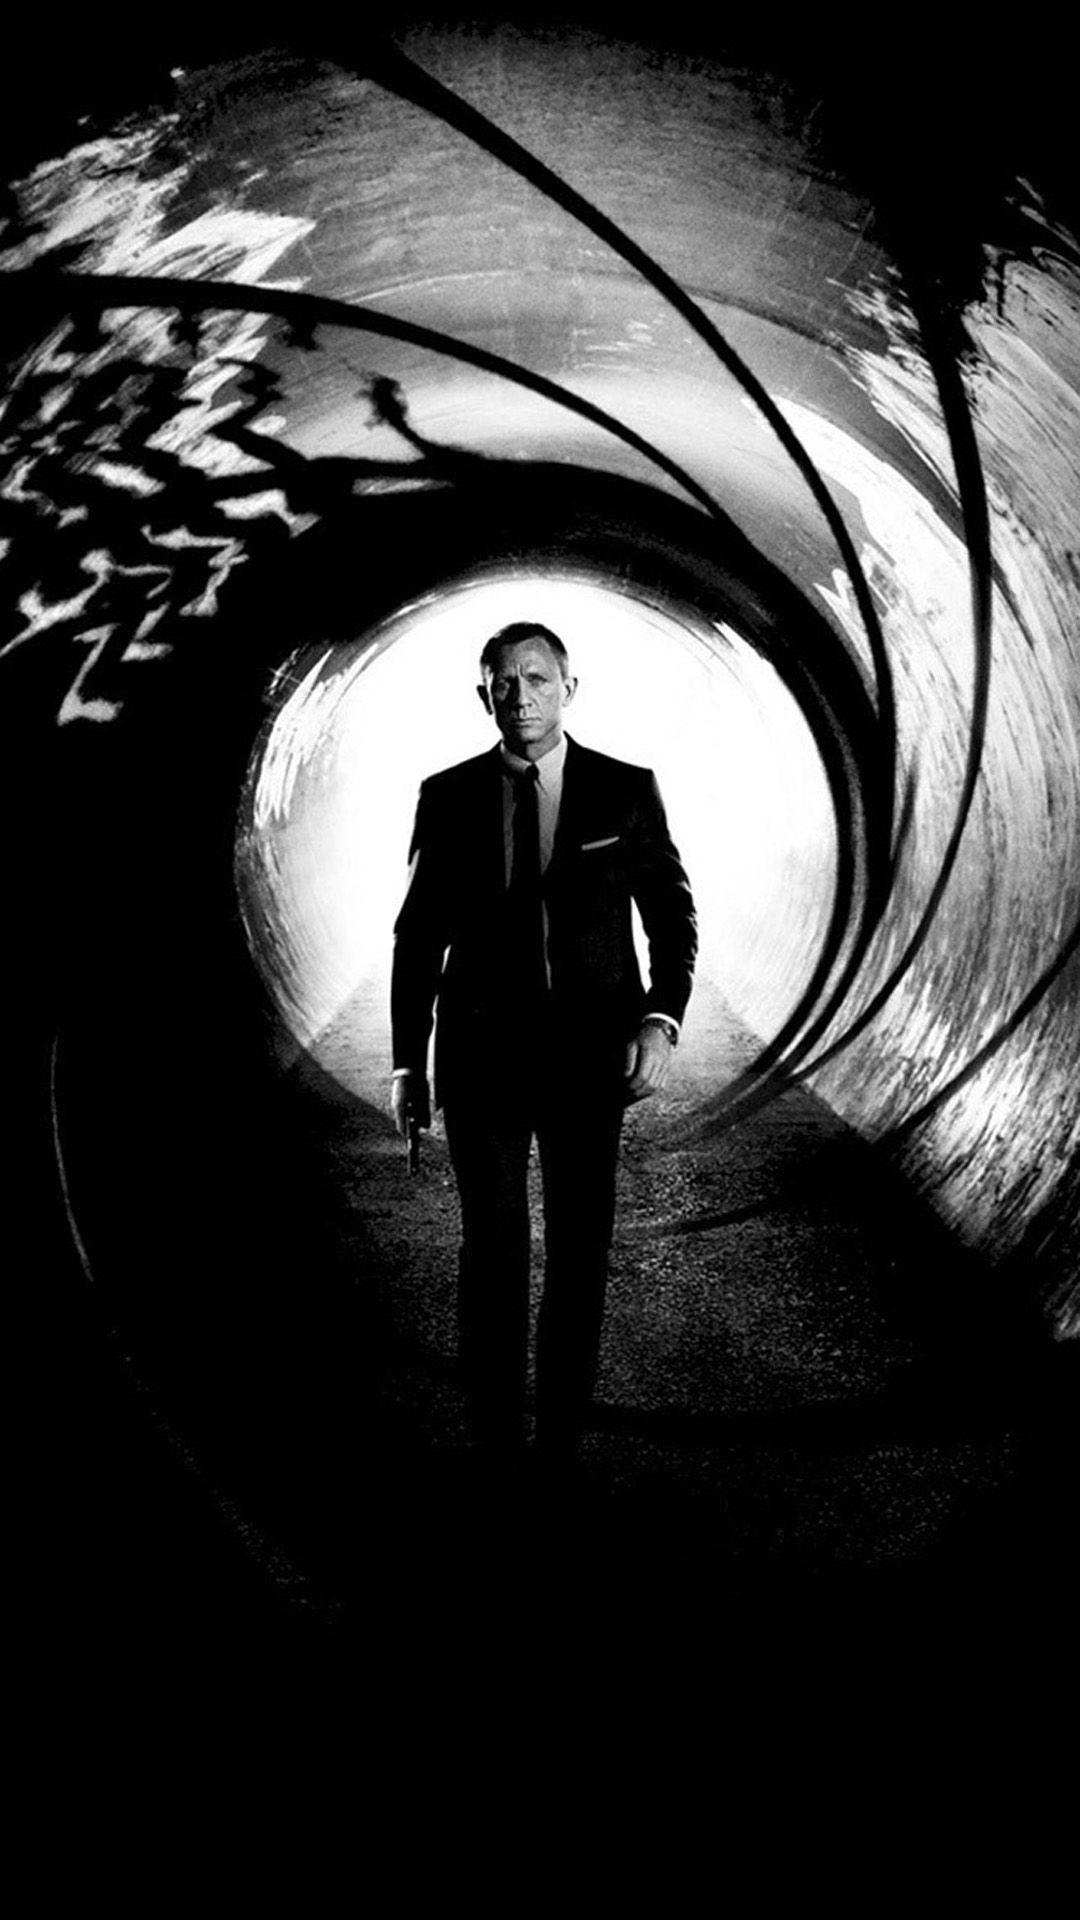 007 Wallpaper iPhone WallpaperSafari